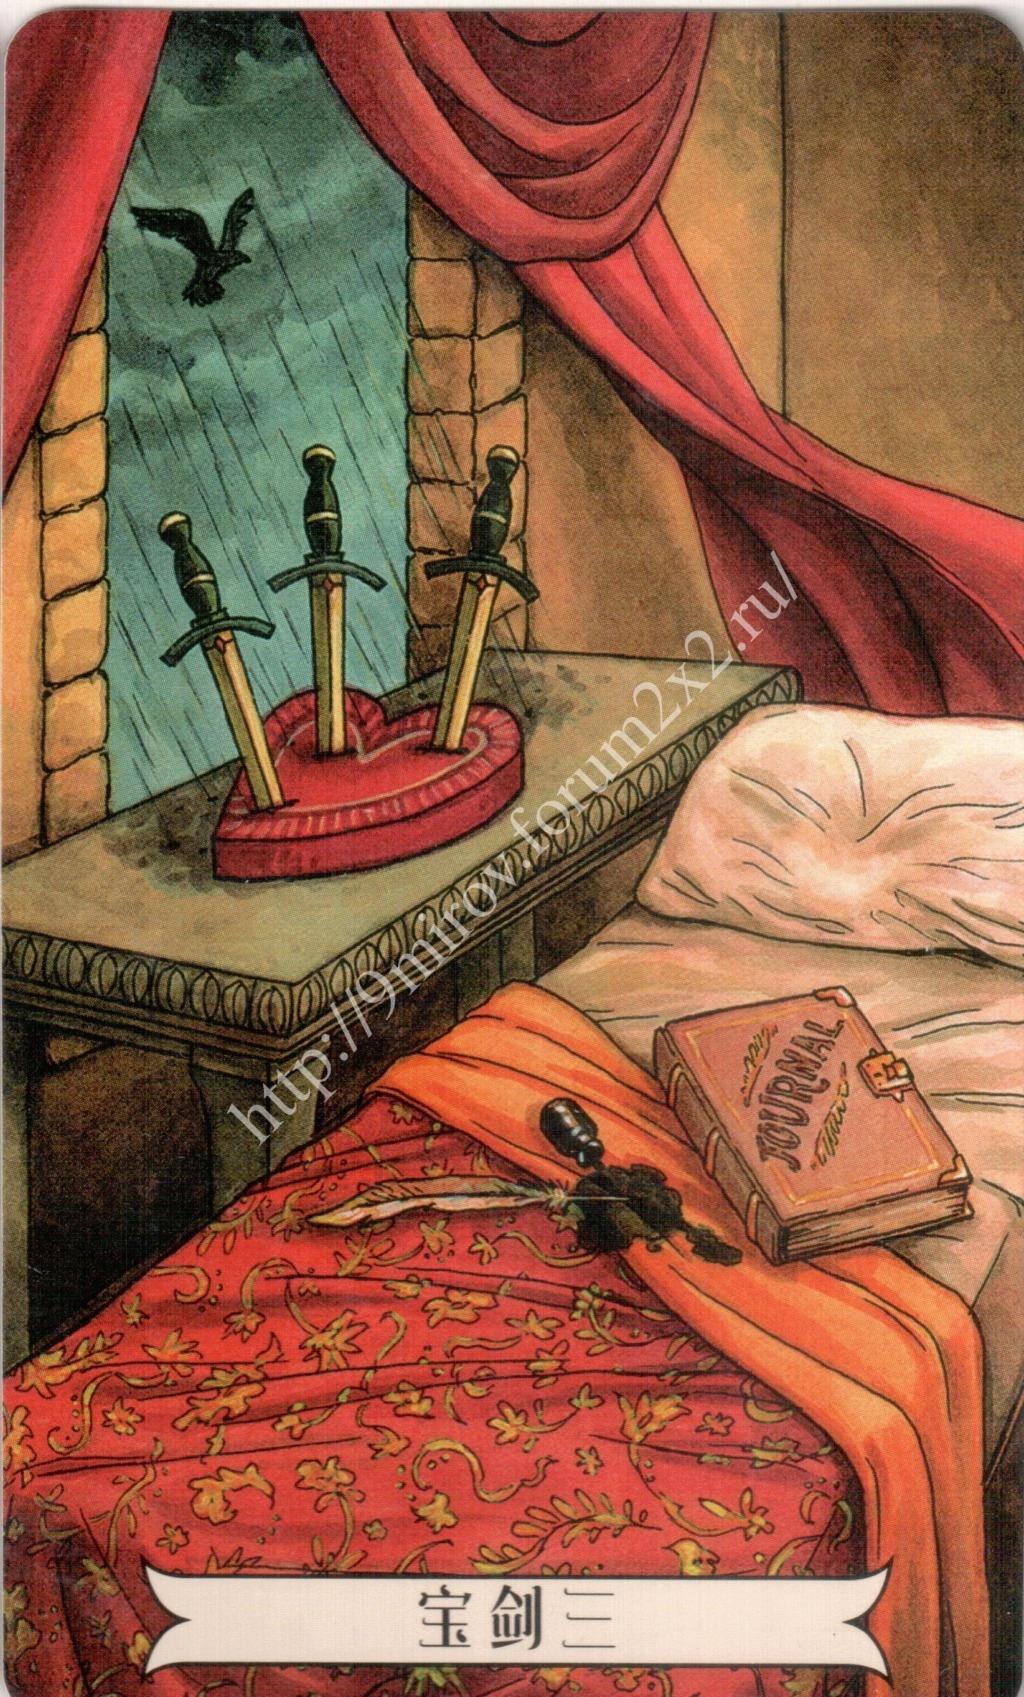 """""""Ведьма каждый день"""" (Ведьма день за днем, Everyday Witch Tarot). Китайская версия. Галерея.   Waterm58"""